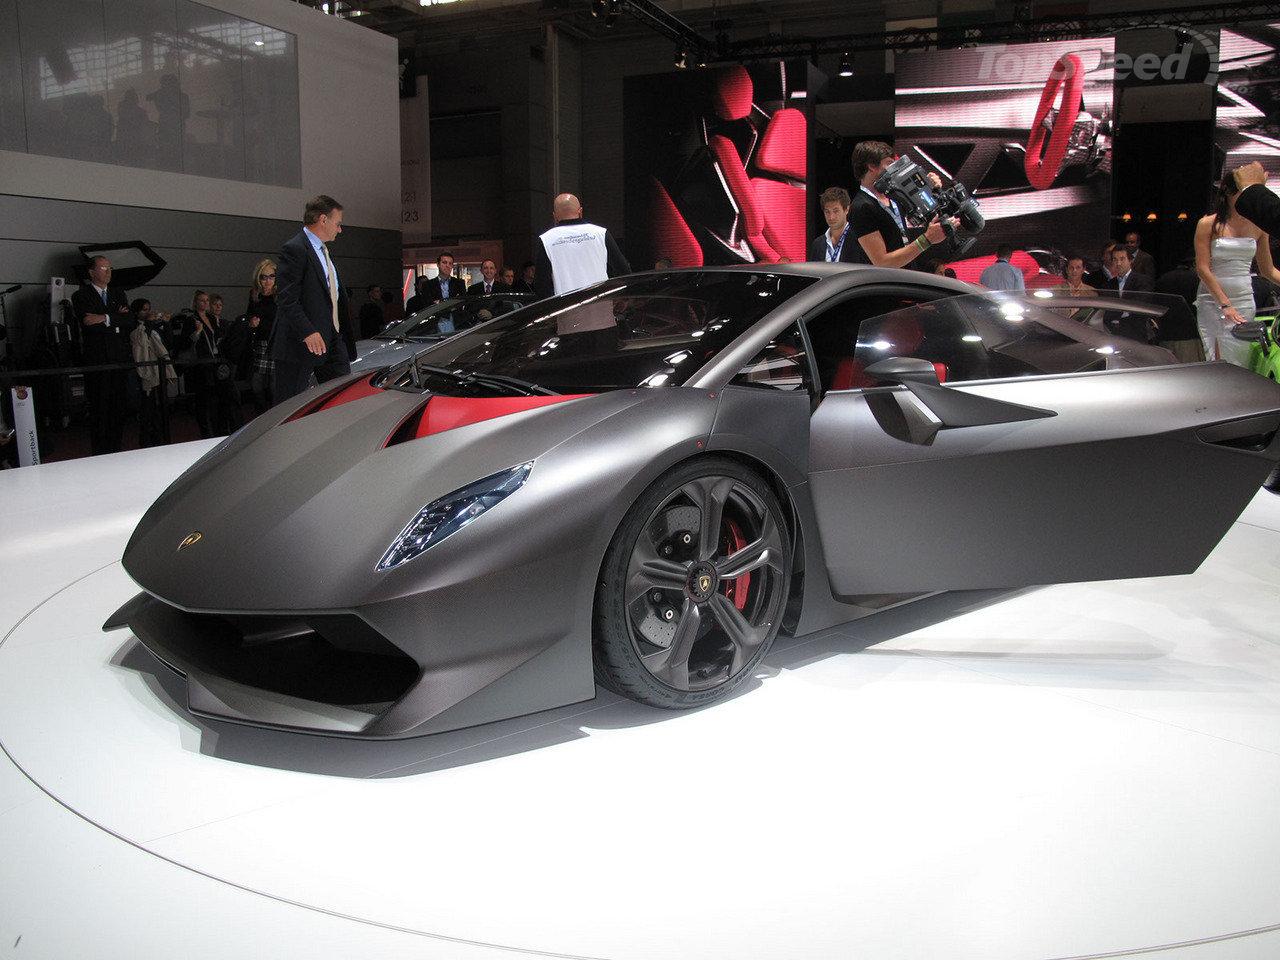 2013 Lamborghini Sesto Elemento Spyder Review - Top Speed |Lamborghini Sesto Elemento Speed